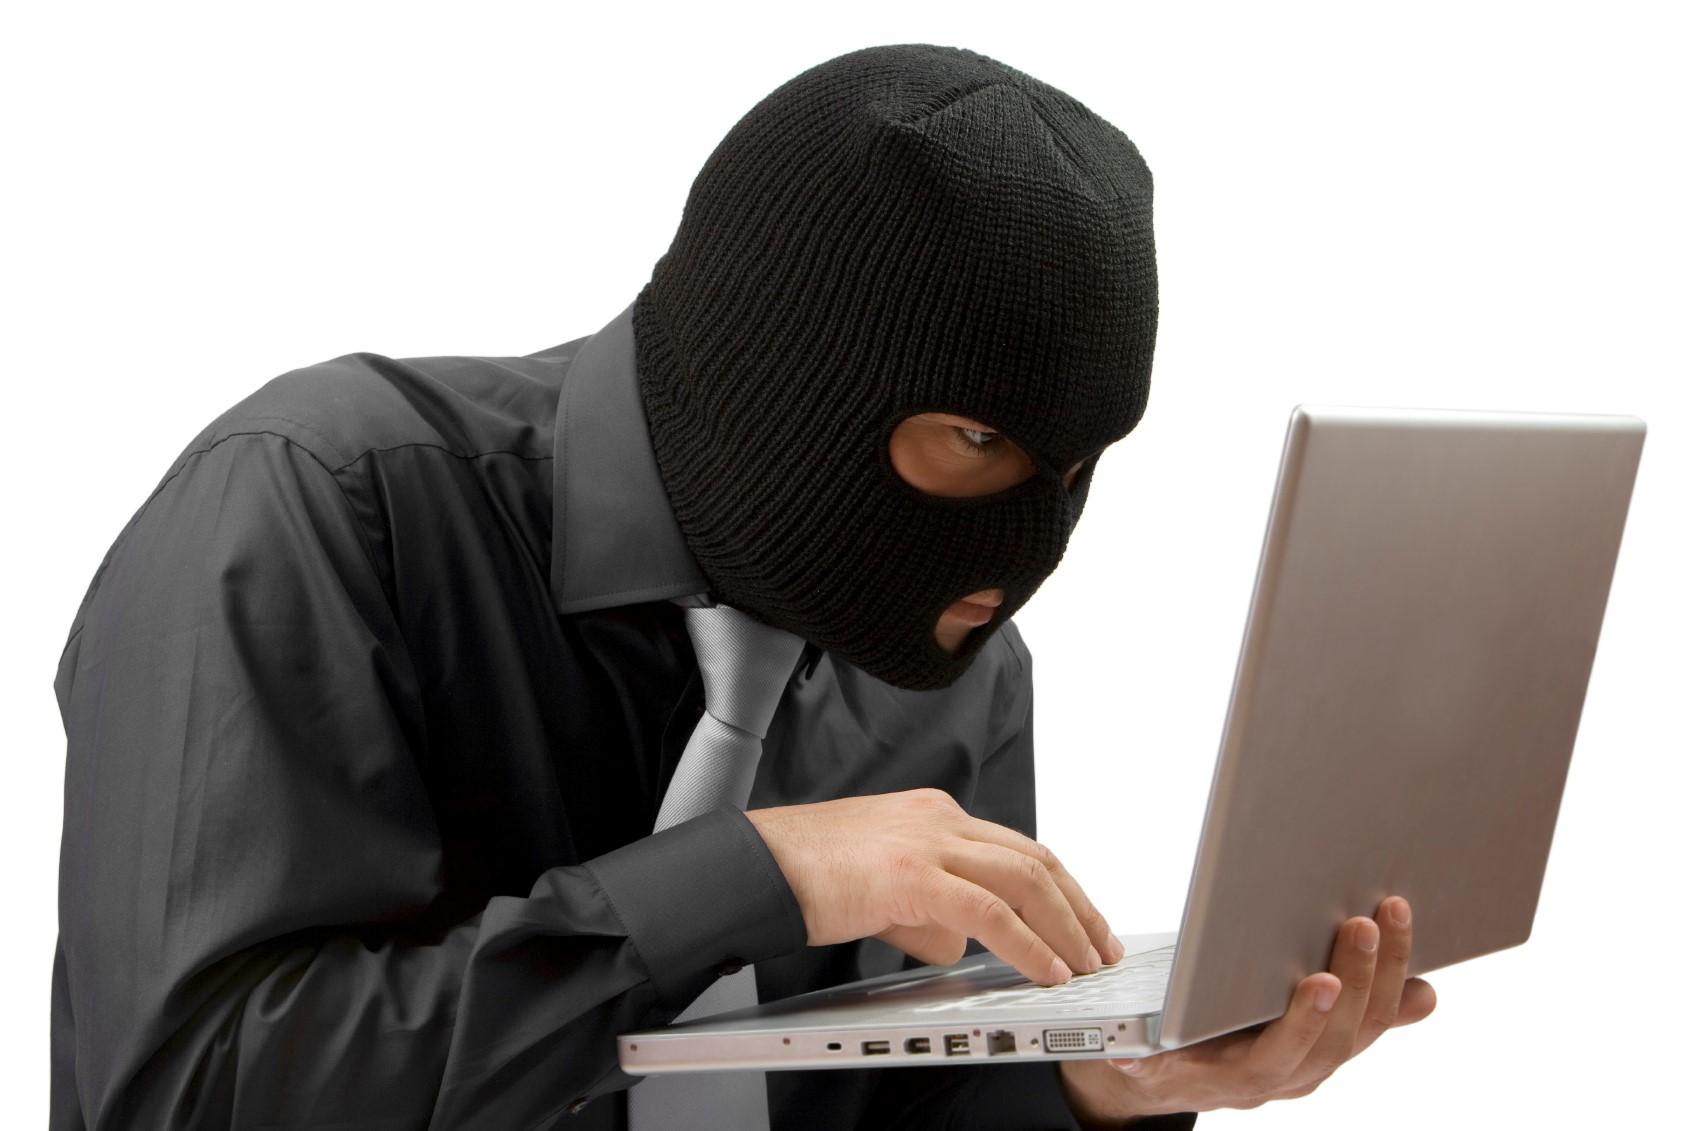 Рис. 2. Задача технологии – защита данных от прямой (оффлайновой), а не сетевой атаки.